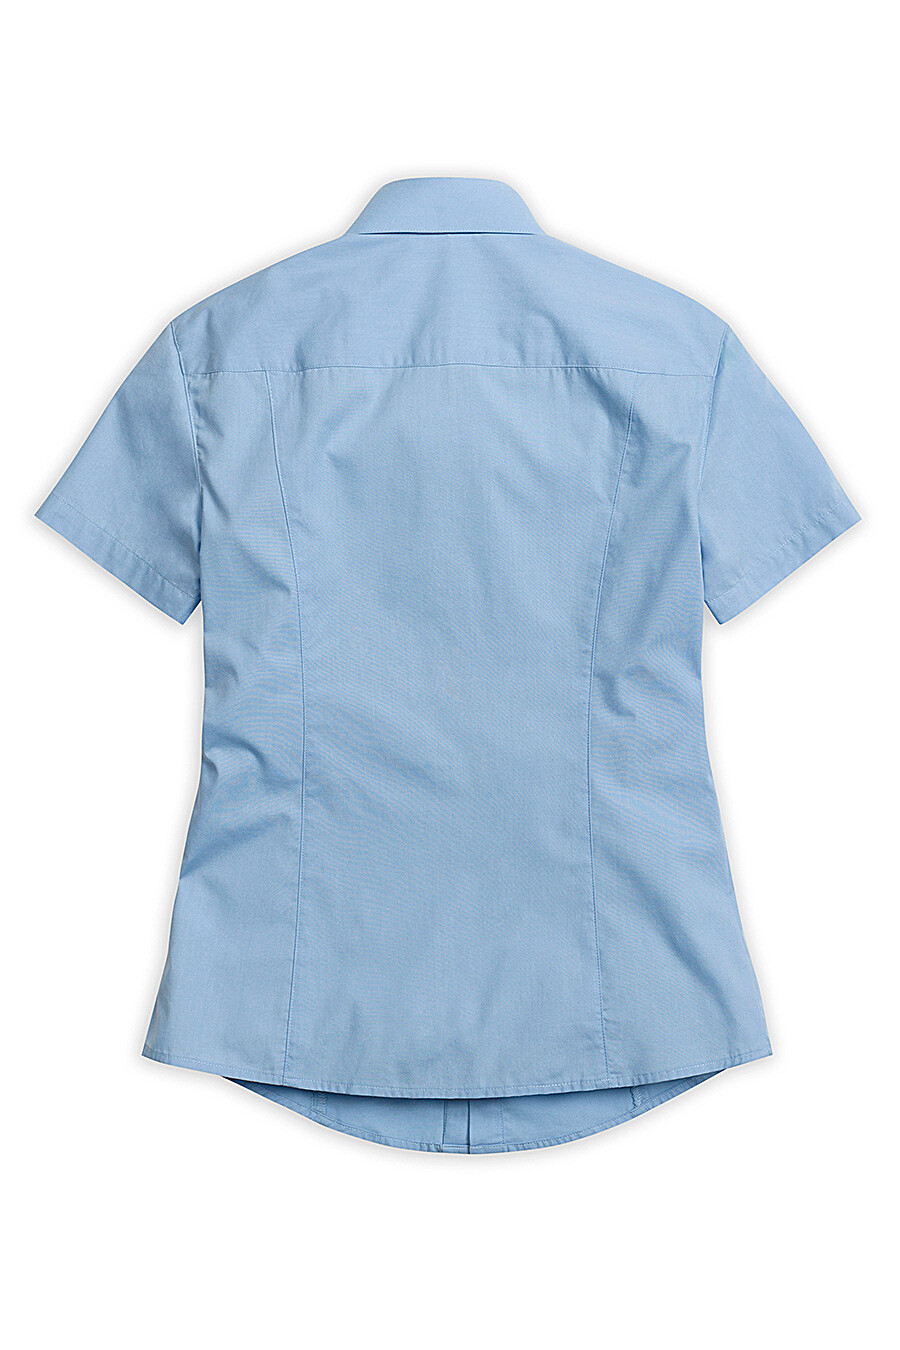 Сорочка для мальчиков PELICAN 218526 купить оптом от производителя. Совместная покупка детской одежды в OptMoyo